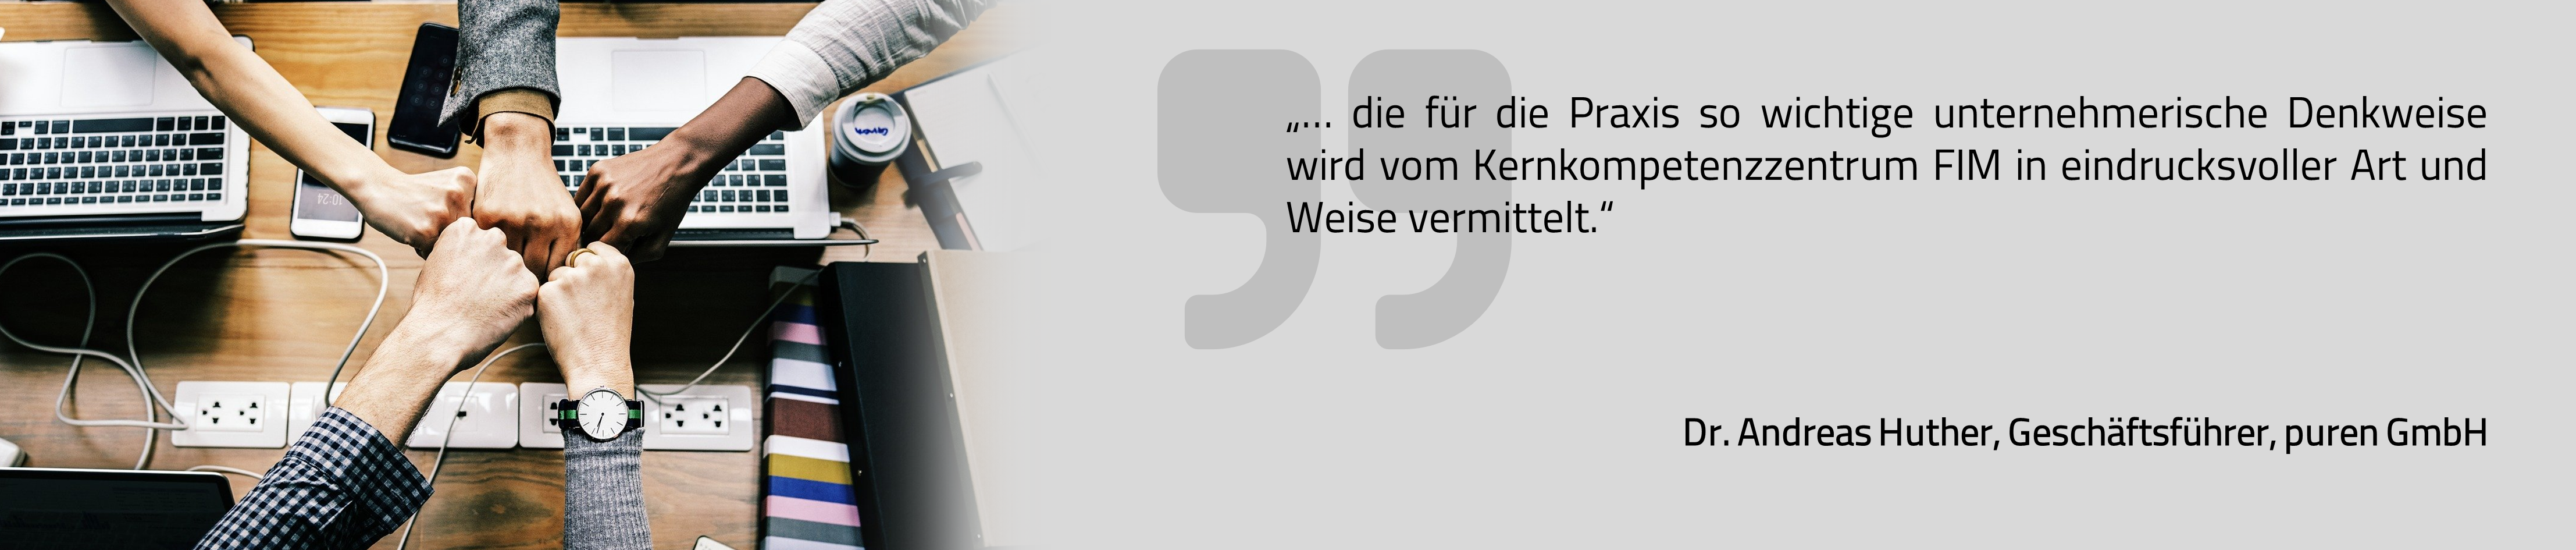 Lehre_Slider (2)